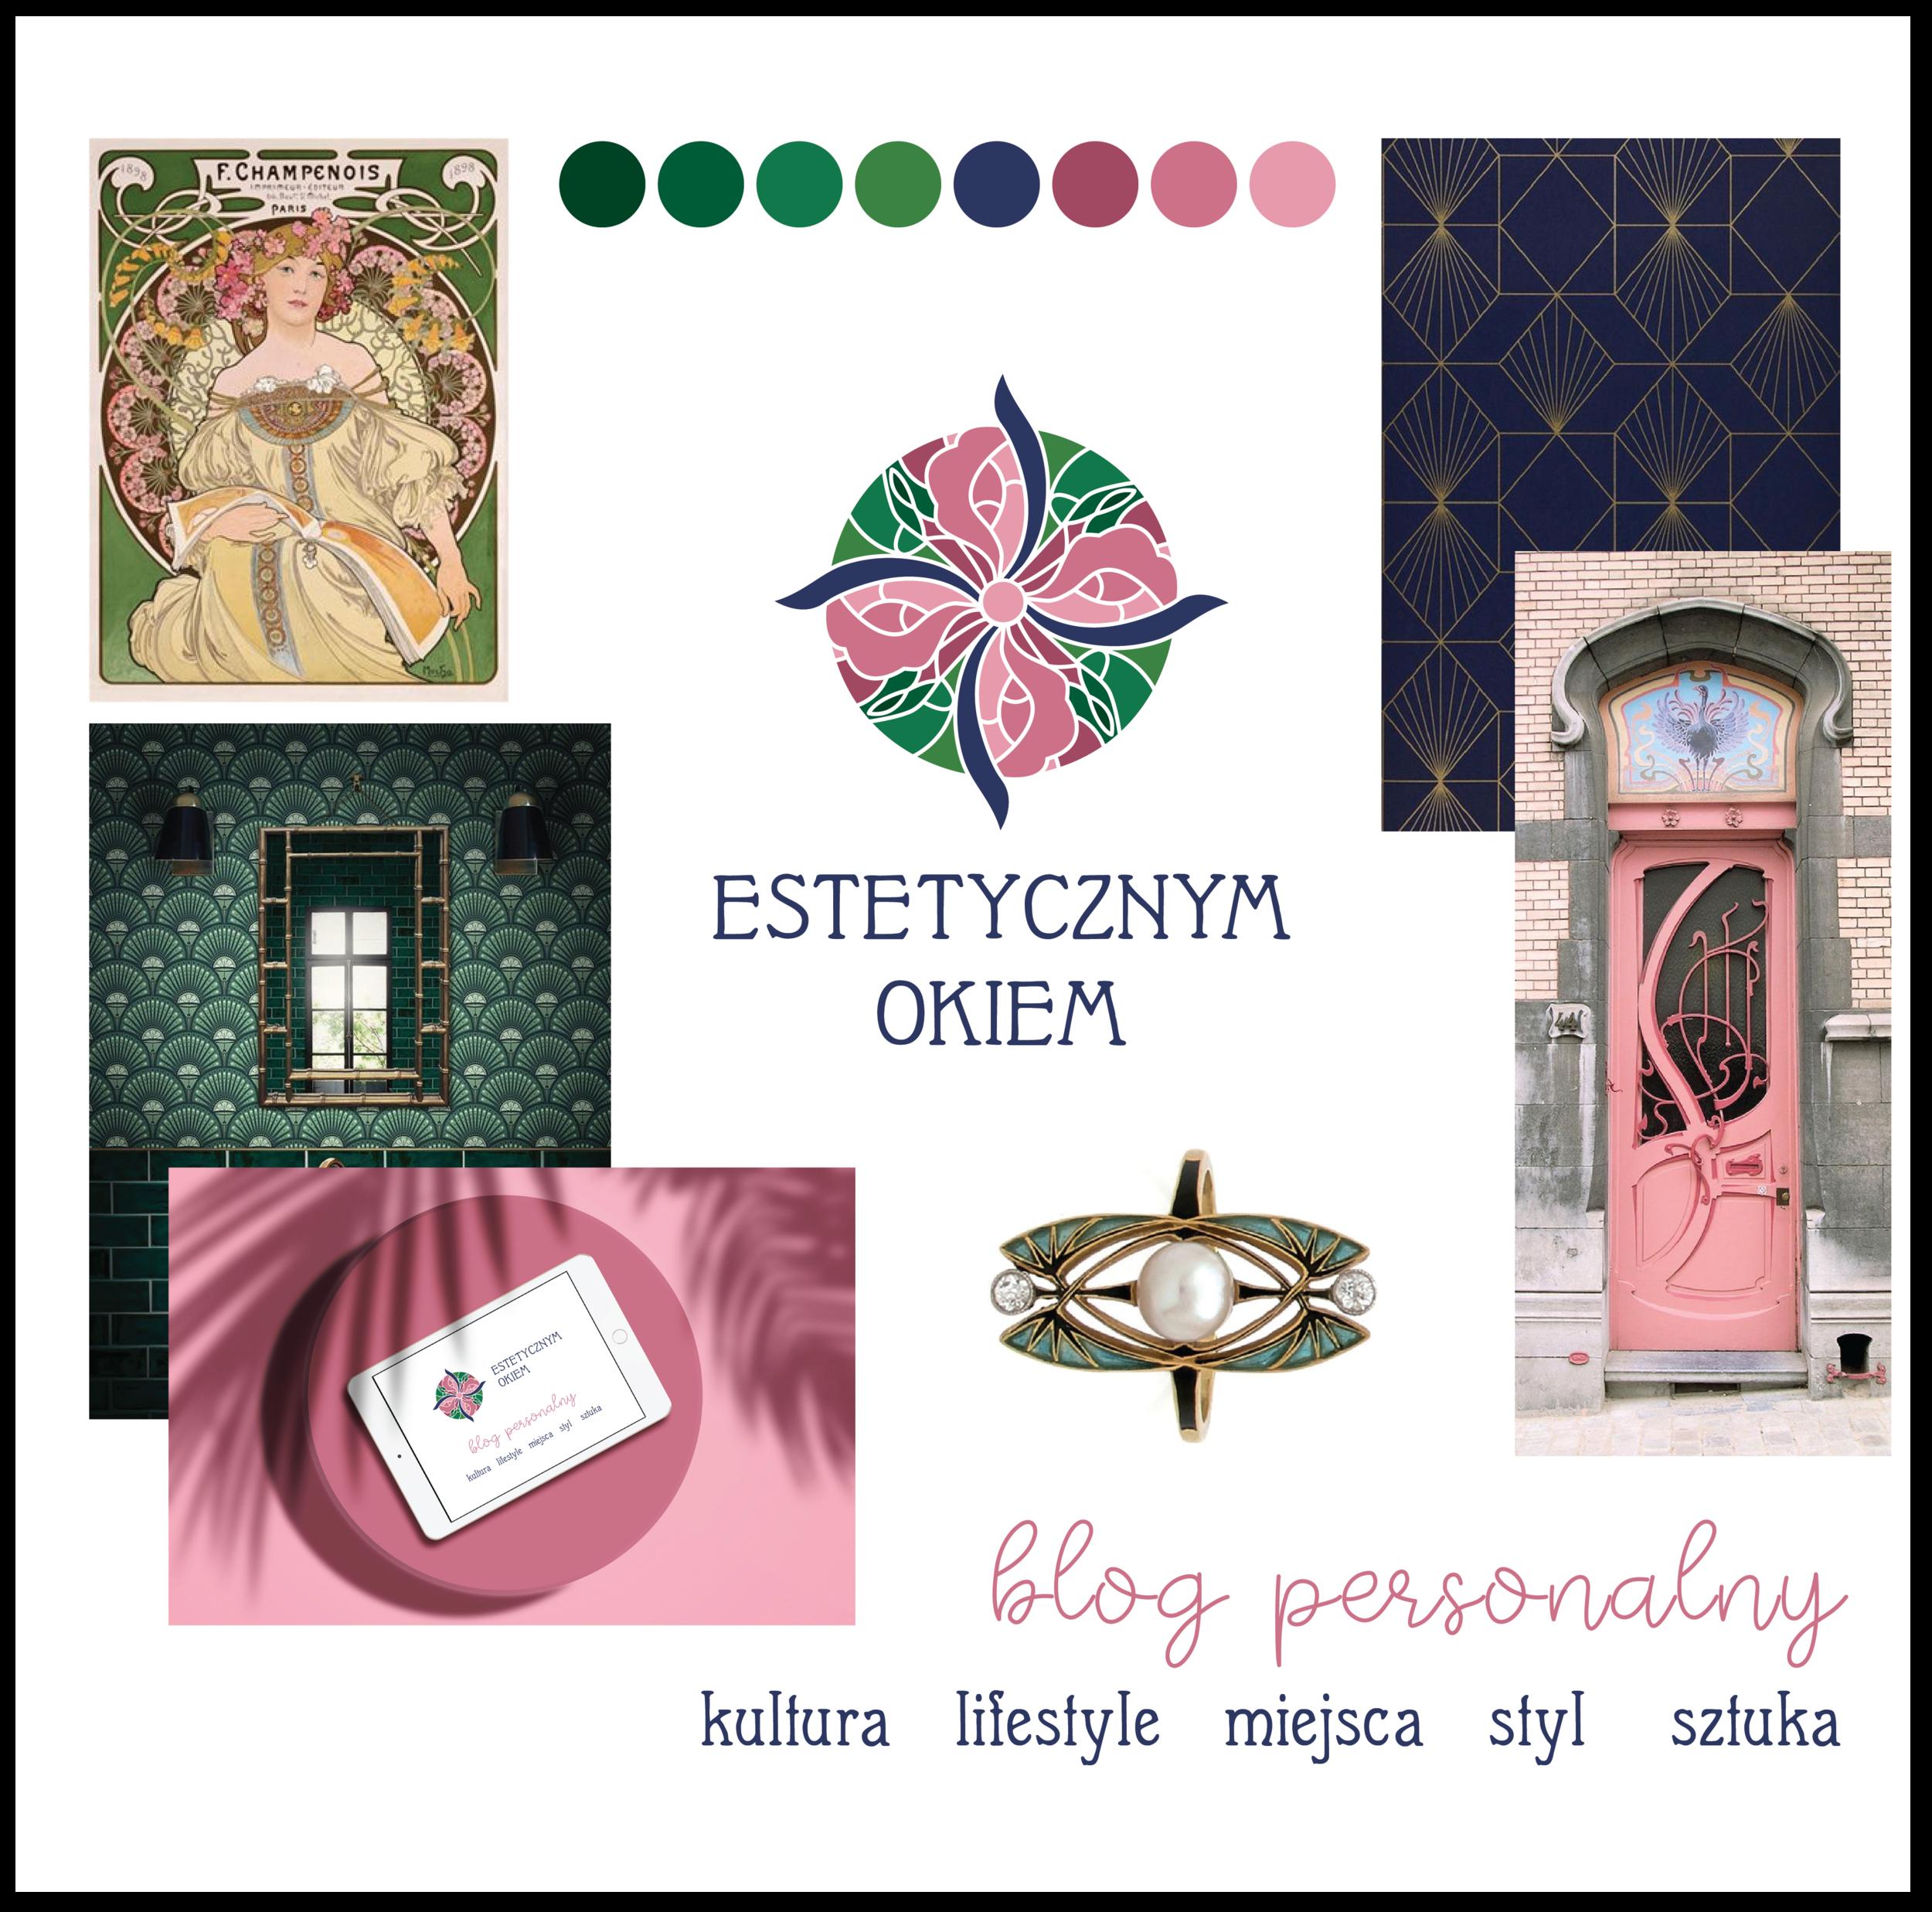 Estetycznym_Okiem_zrodlo-13.png